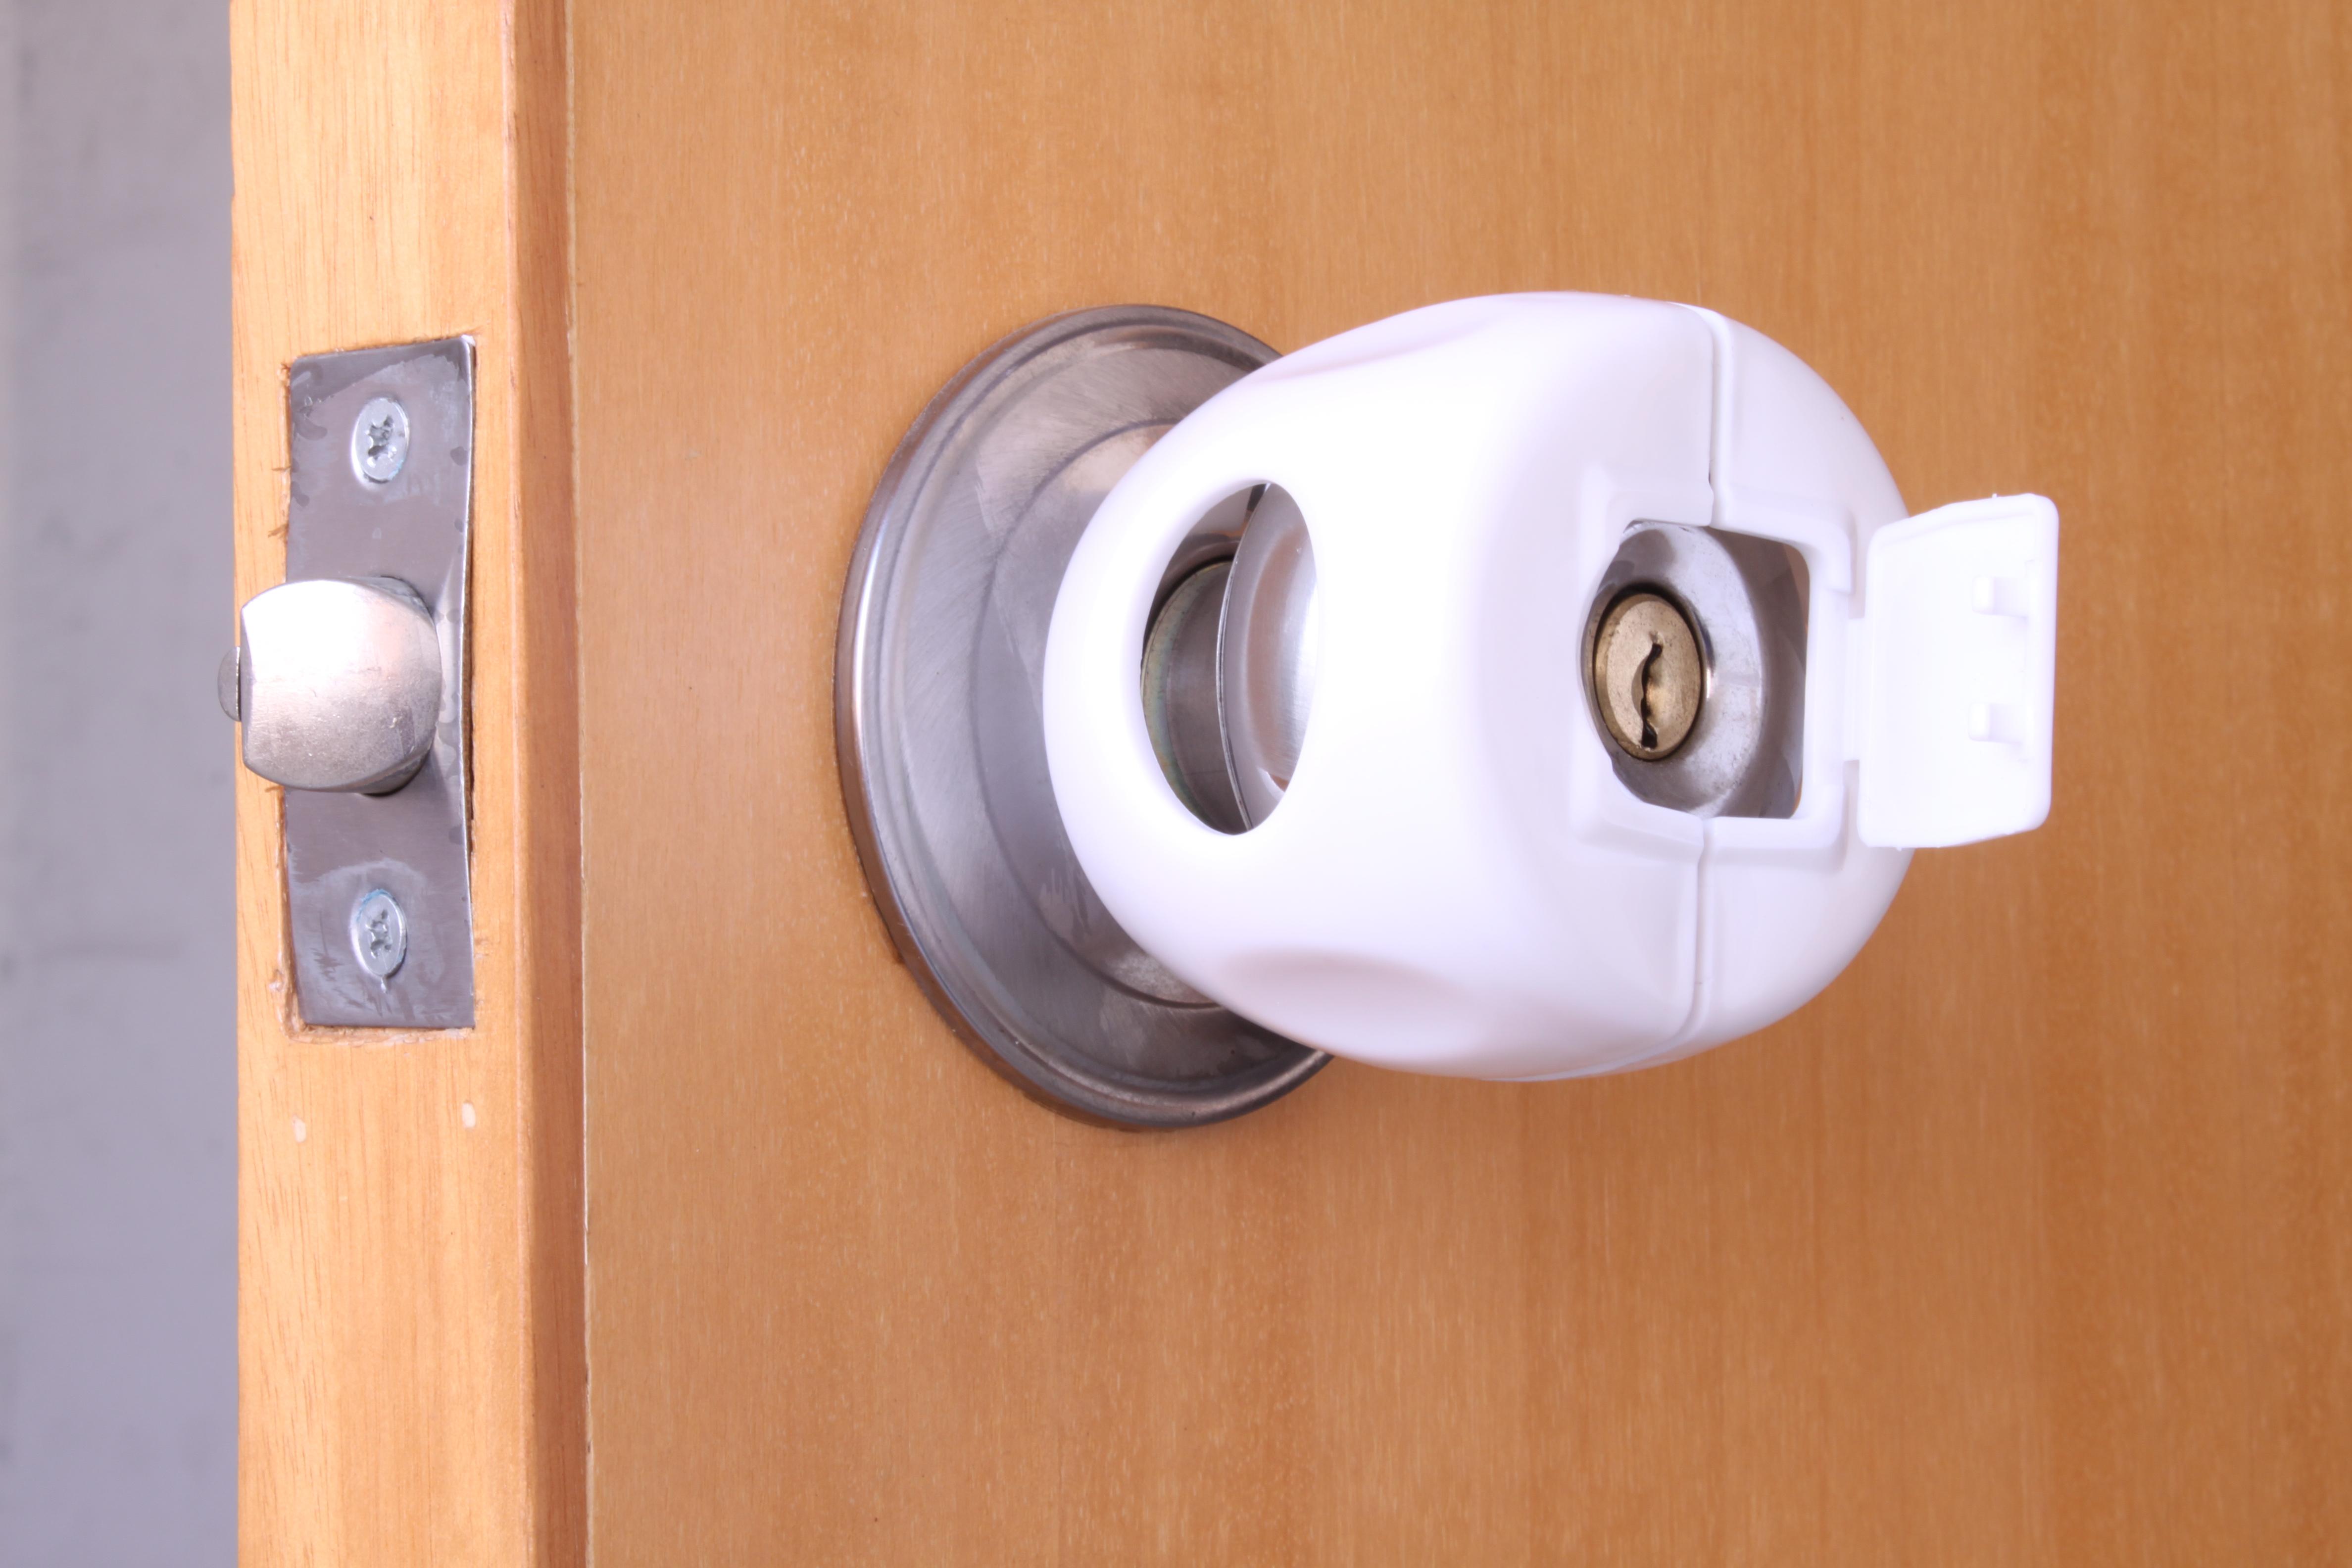 door knob child safety photo - 11